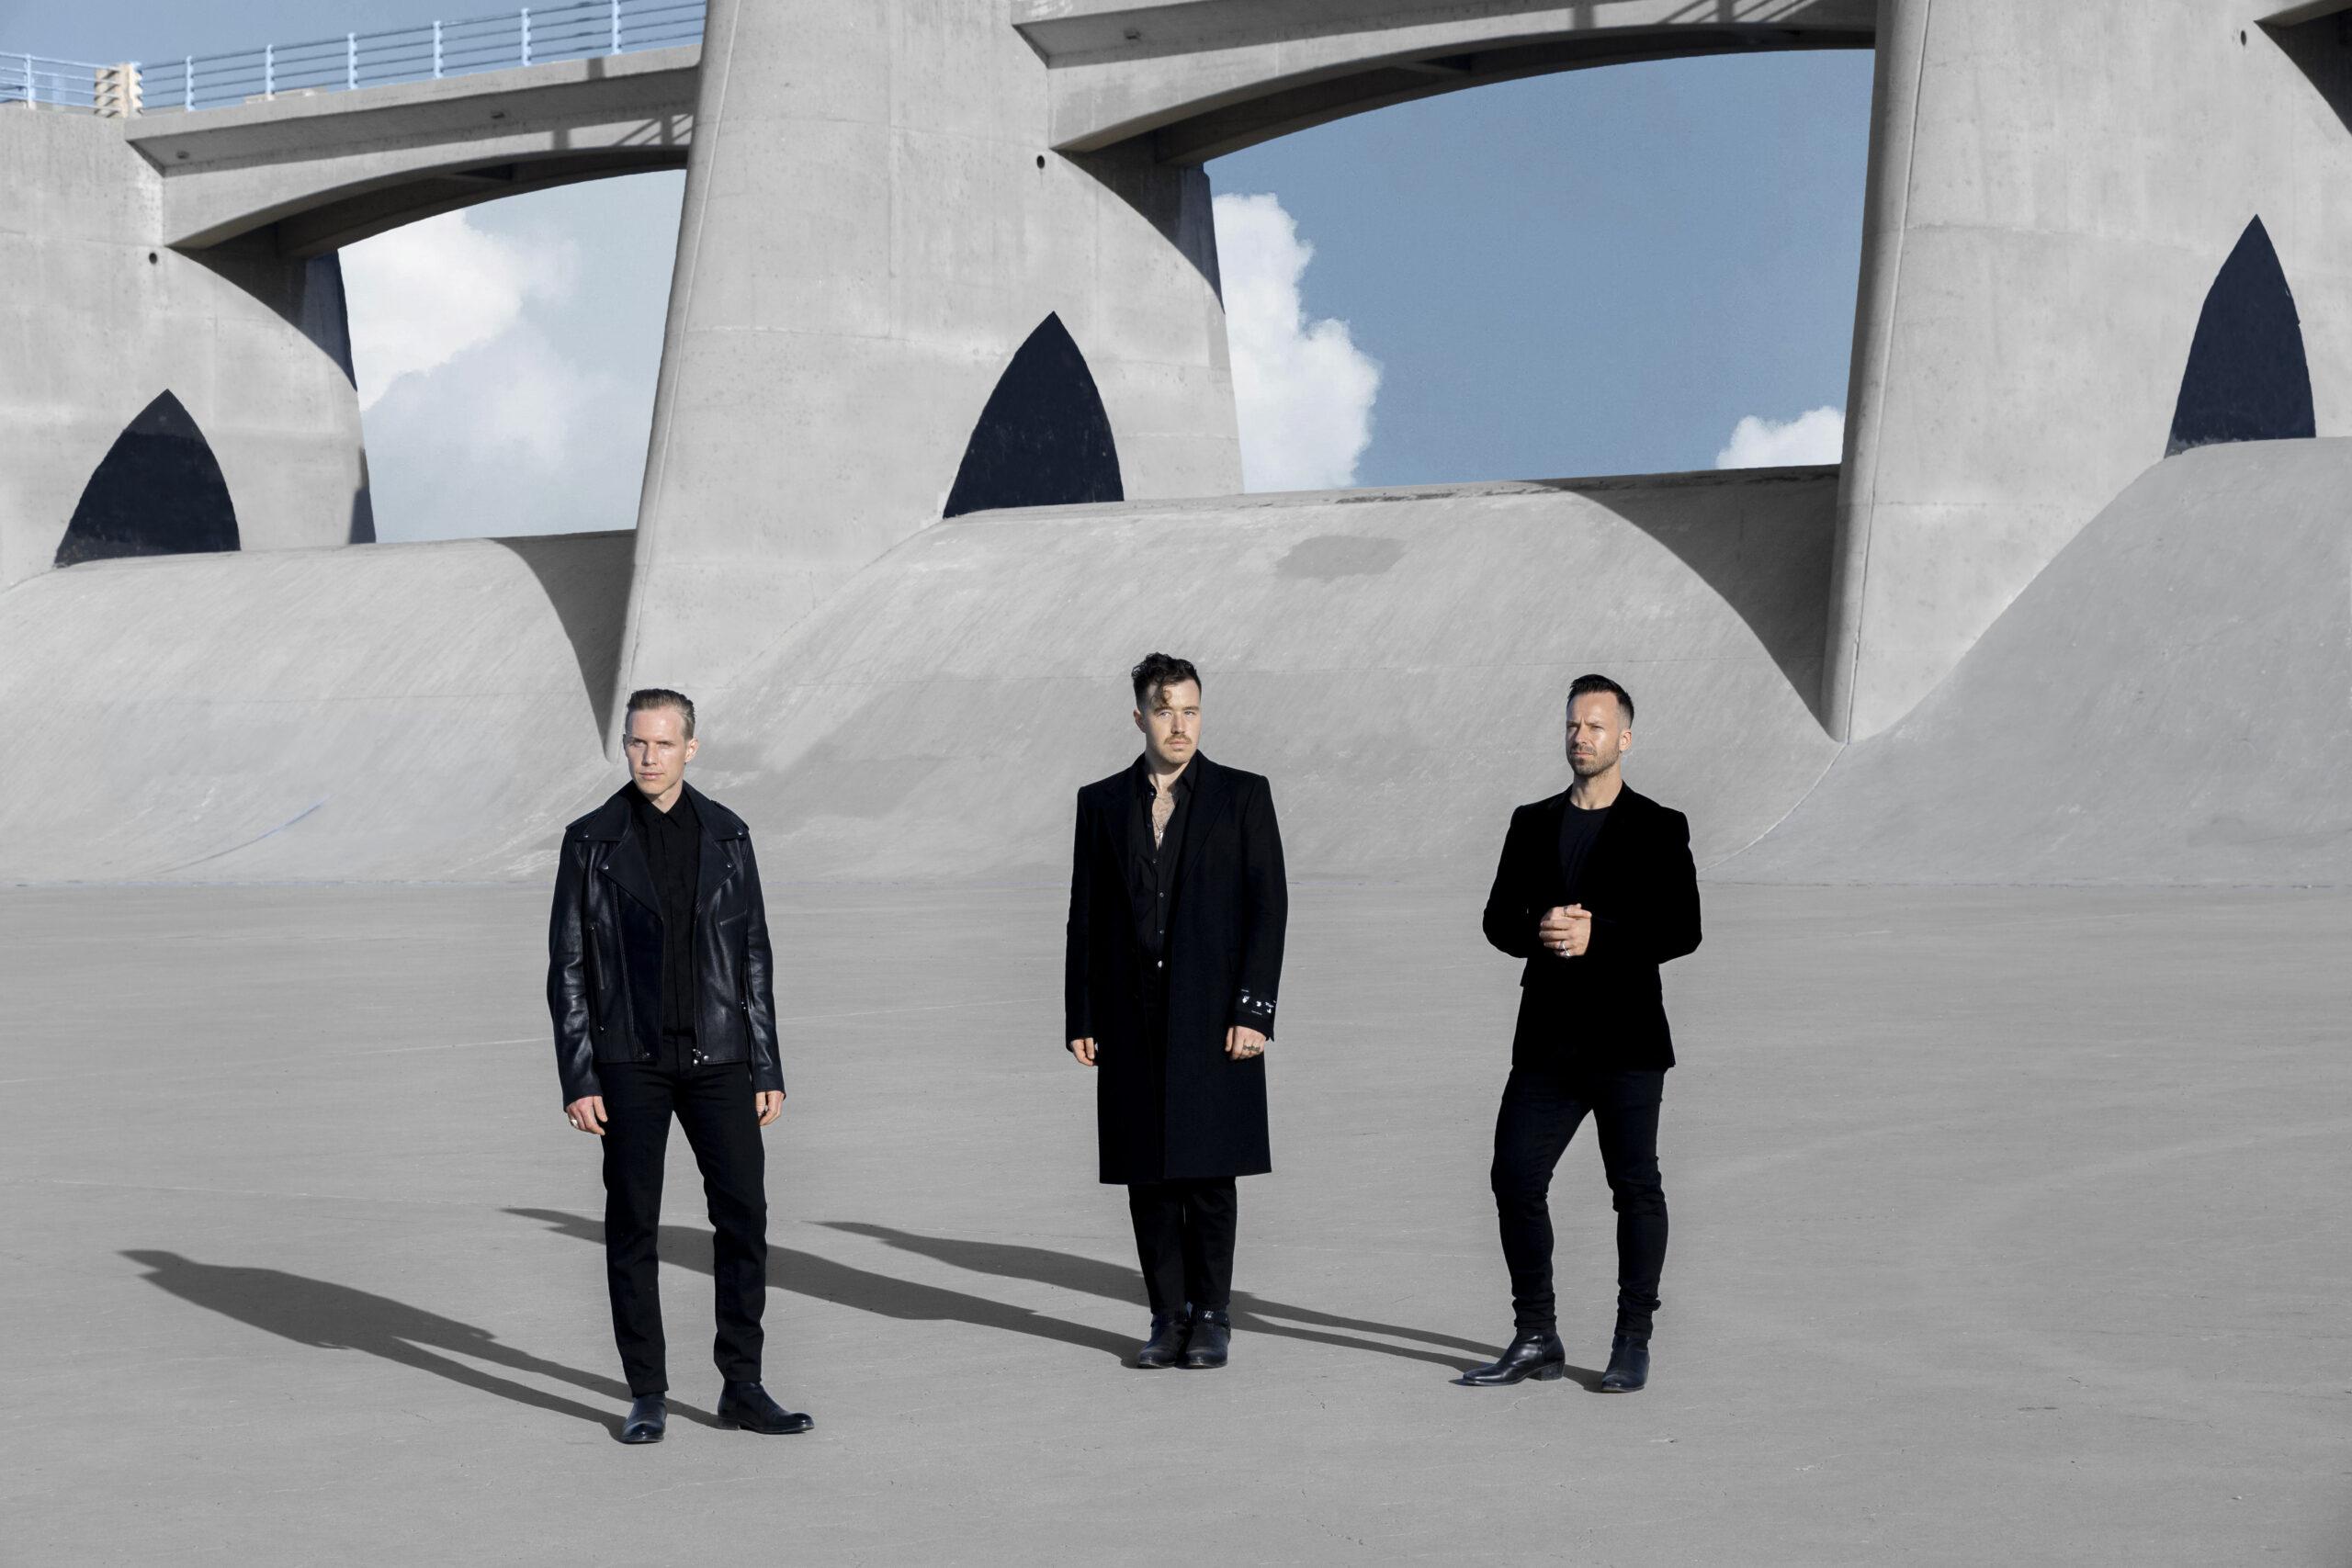 RÜFÜS DU SOL ANNOUNCE FOURTH STUDIO ALBUM 'SURRENDER' SET FOR OCTOBER 22 RELEASE – PRE-ORDER SURRENDER